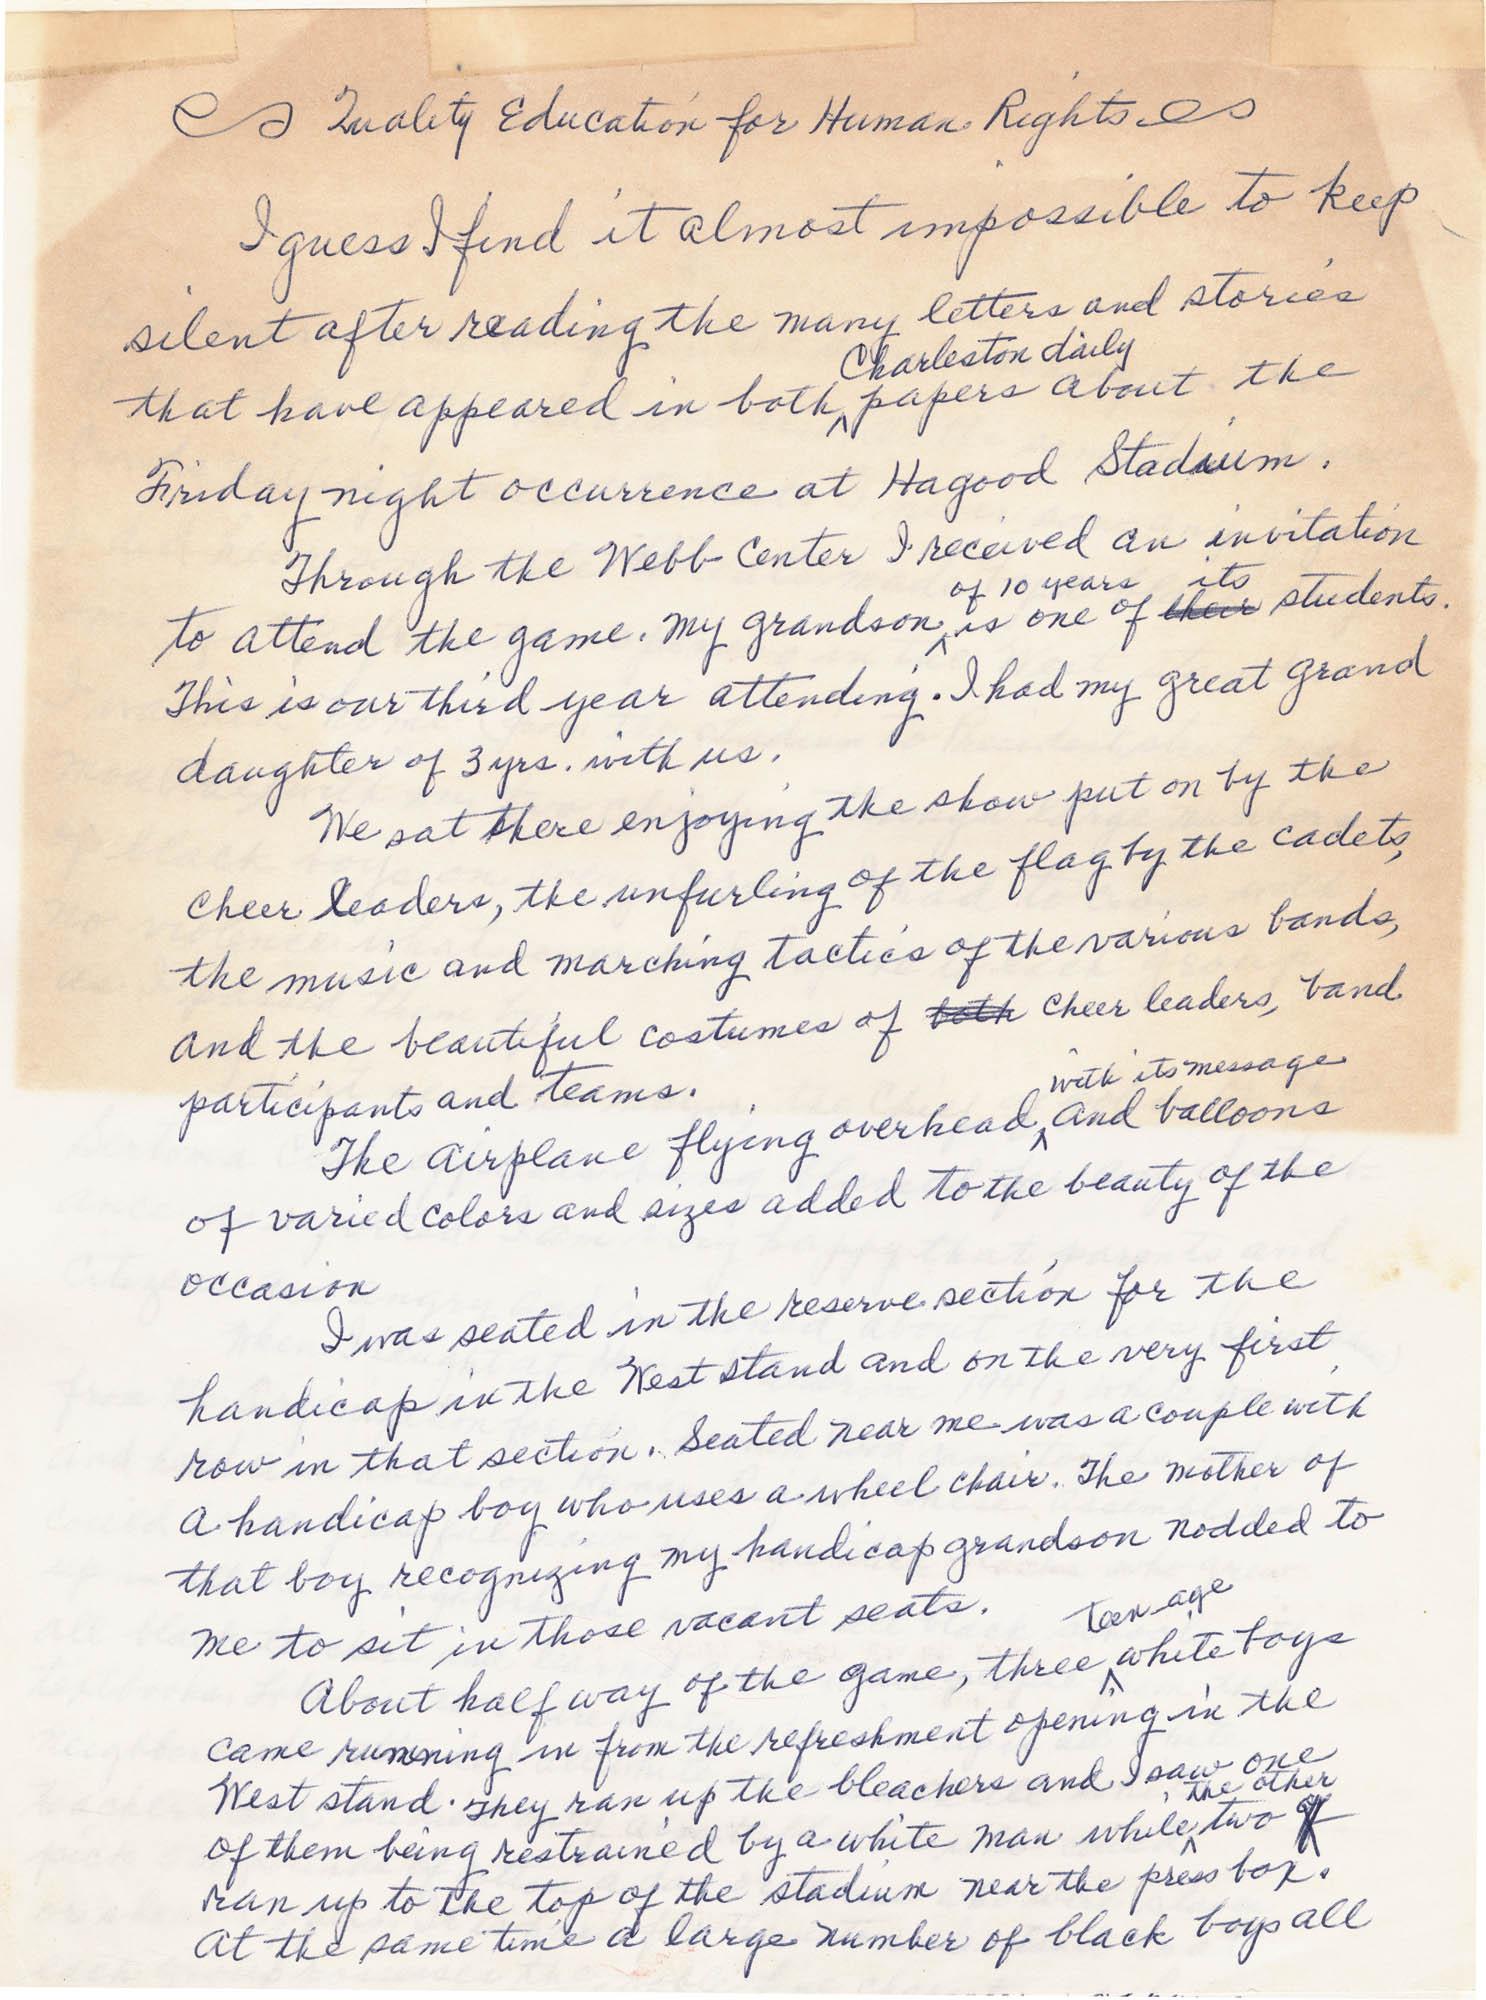 Septima P. Clark Scrapbook, Page 111